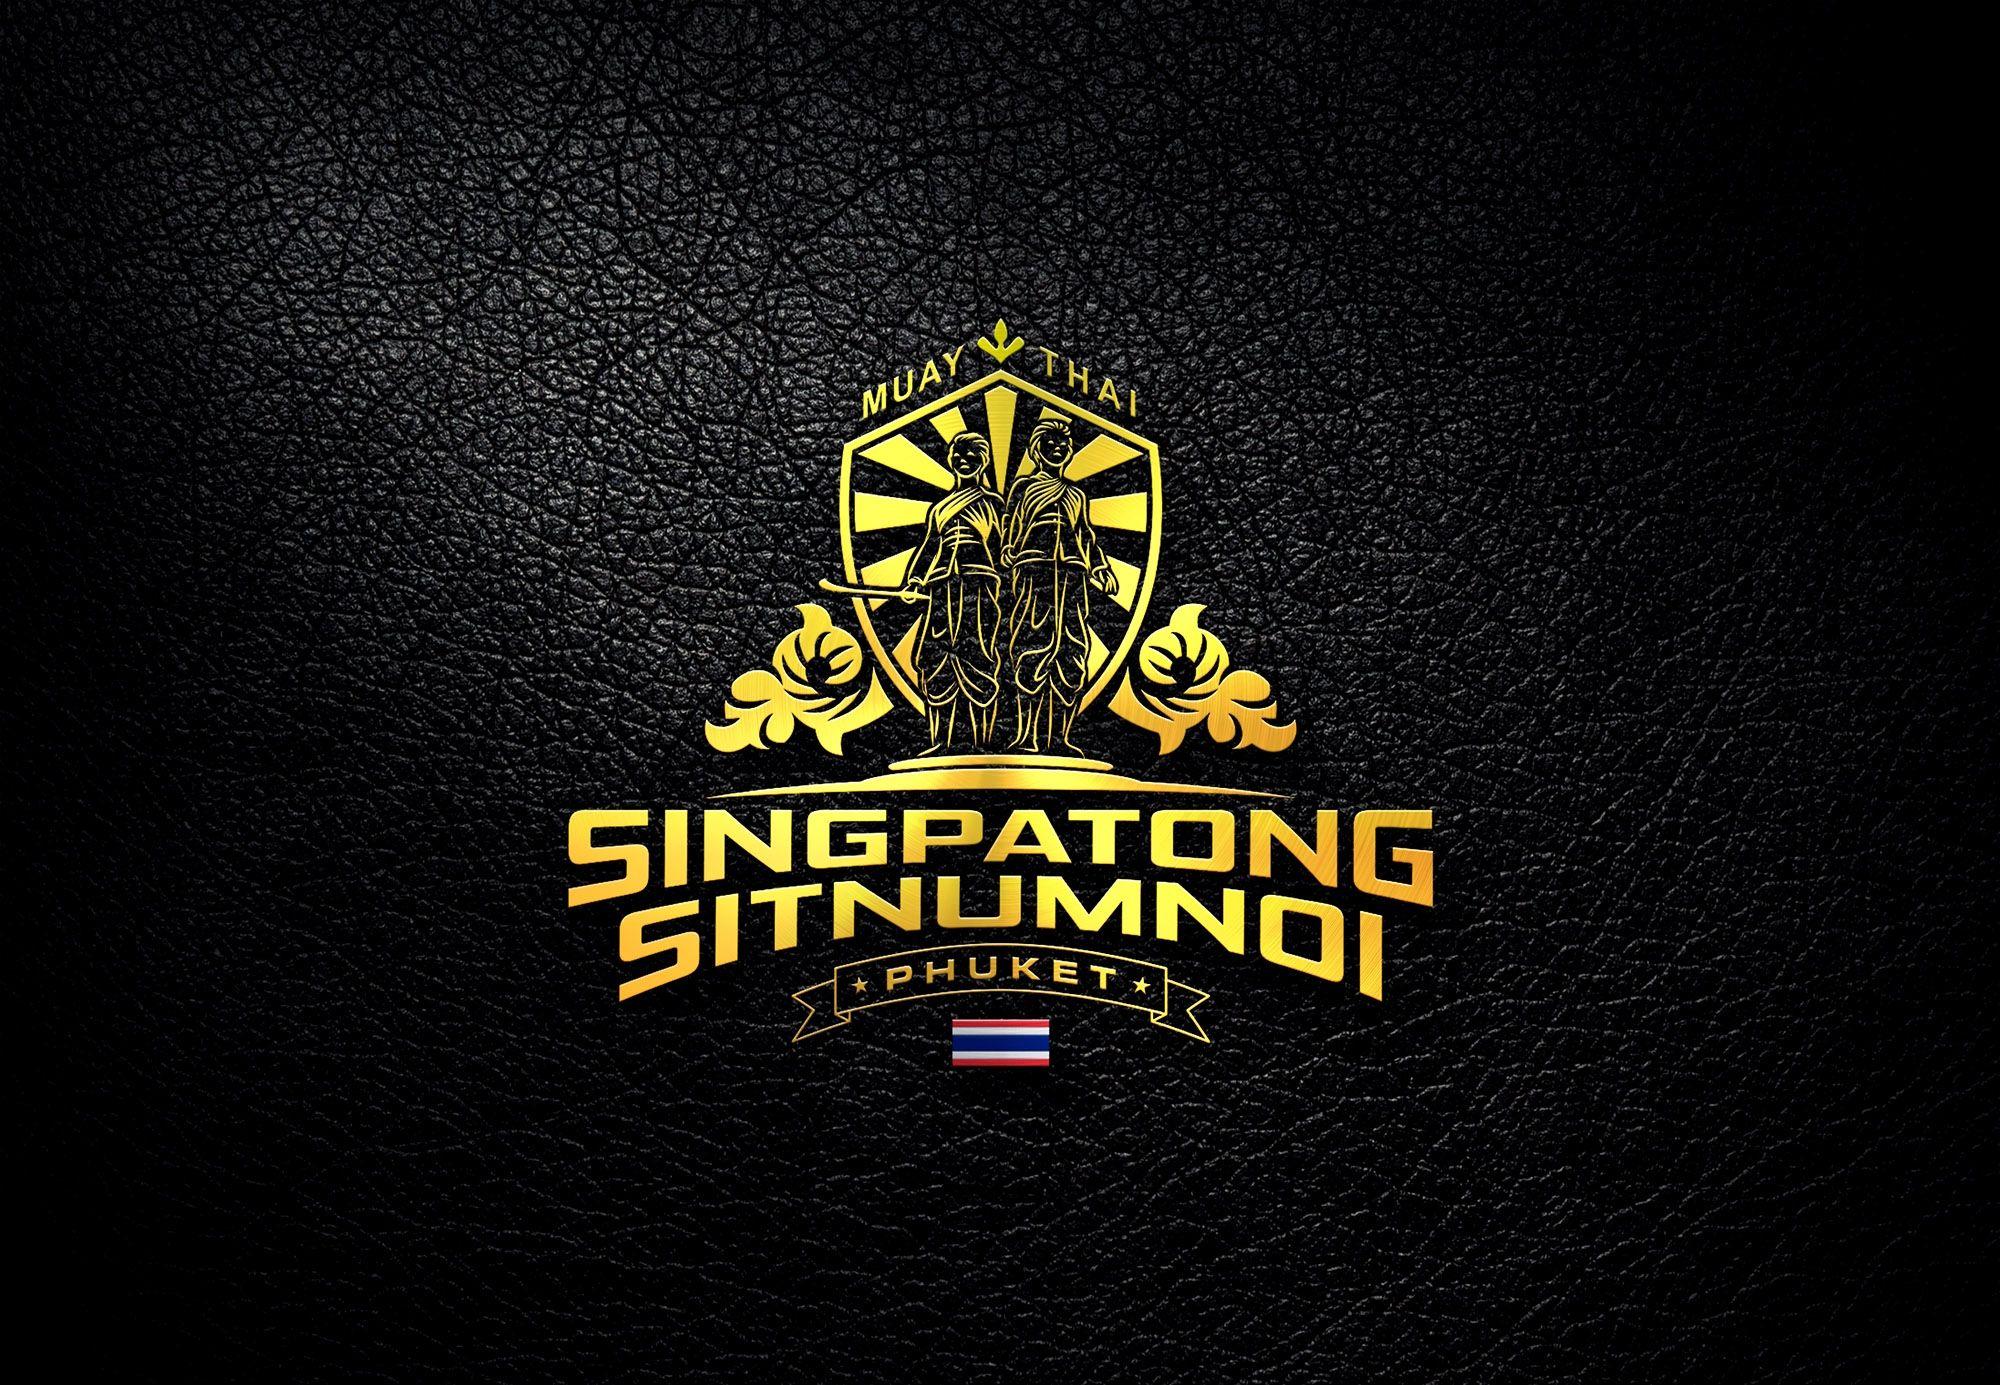 Designs muay thai boxing gym logo logo design contest